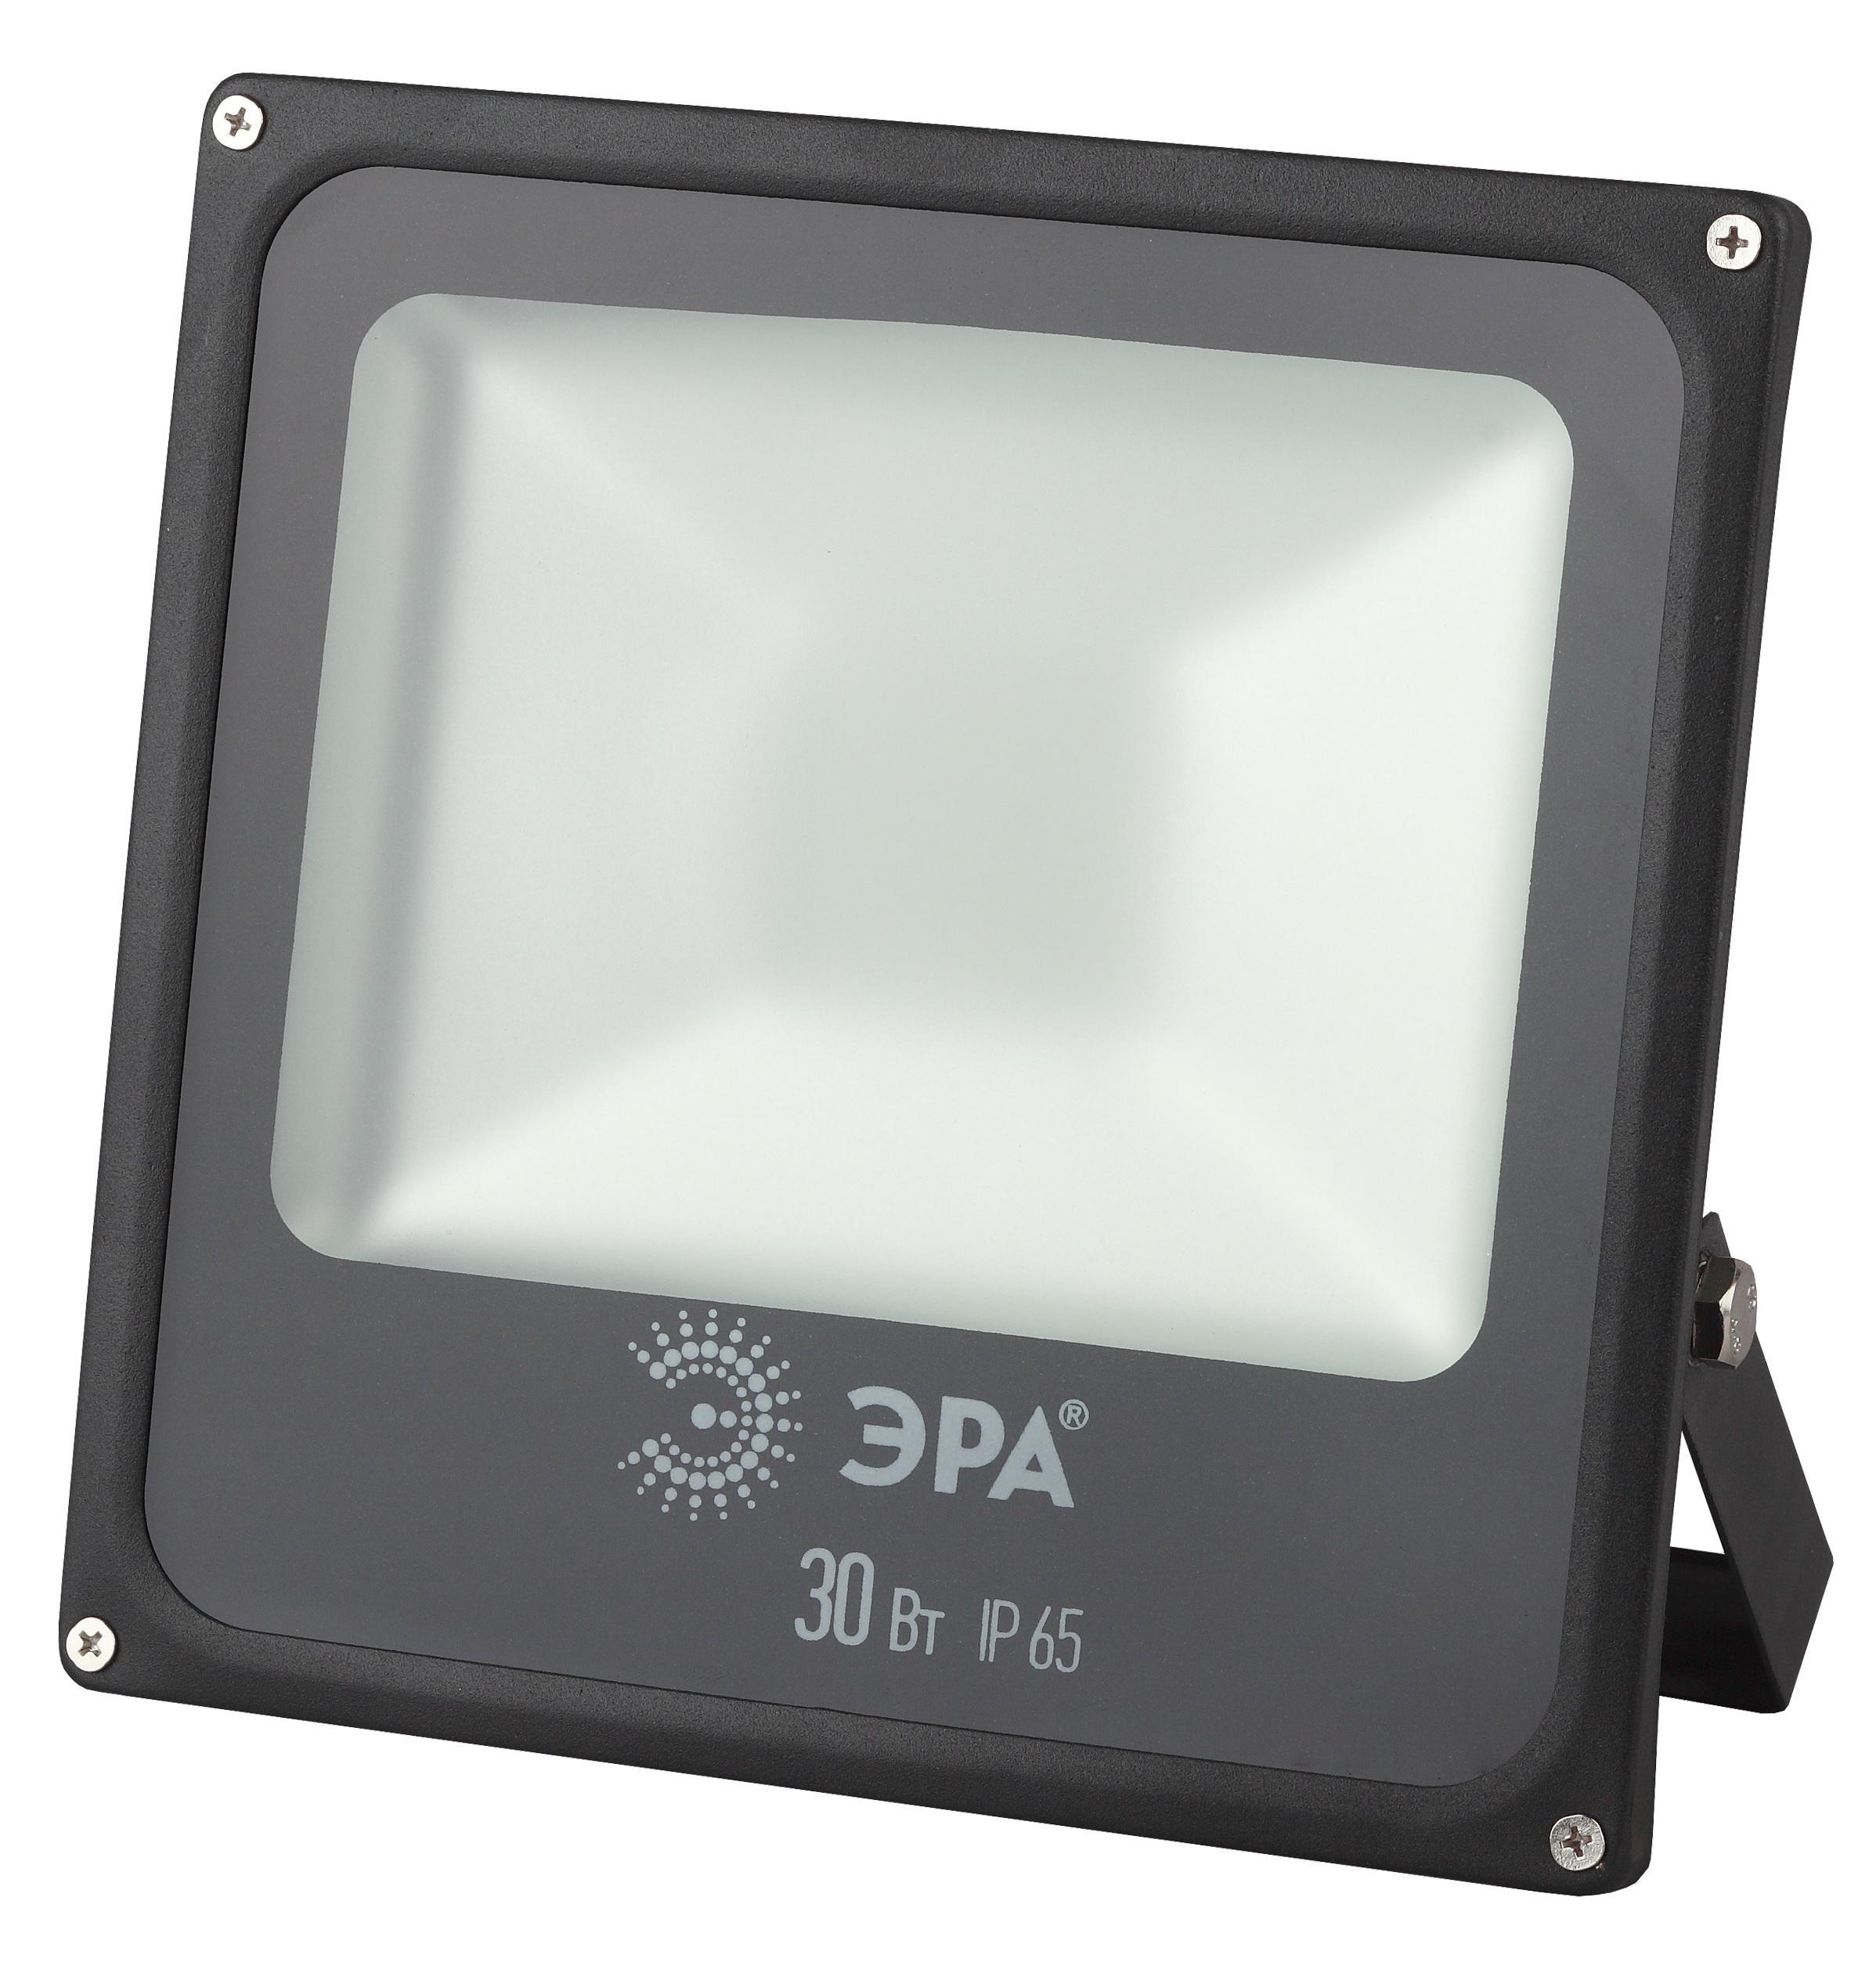 Прожектор светодиодный ЭРА Lpr-30-4000К-М smd